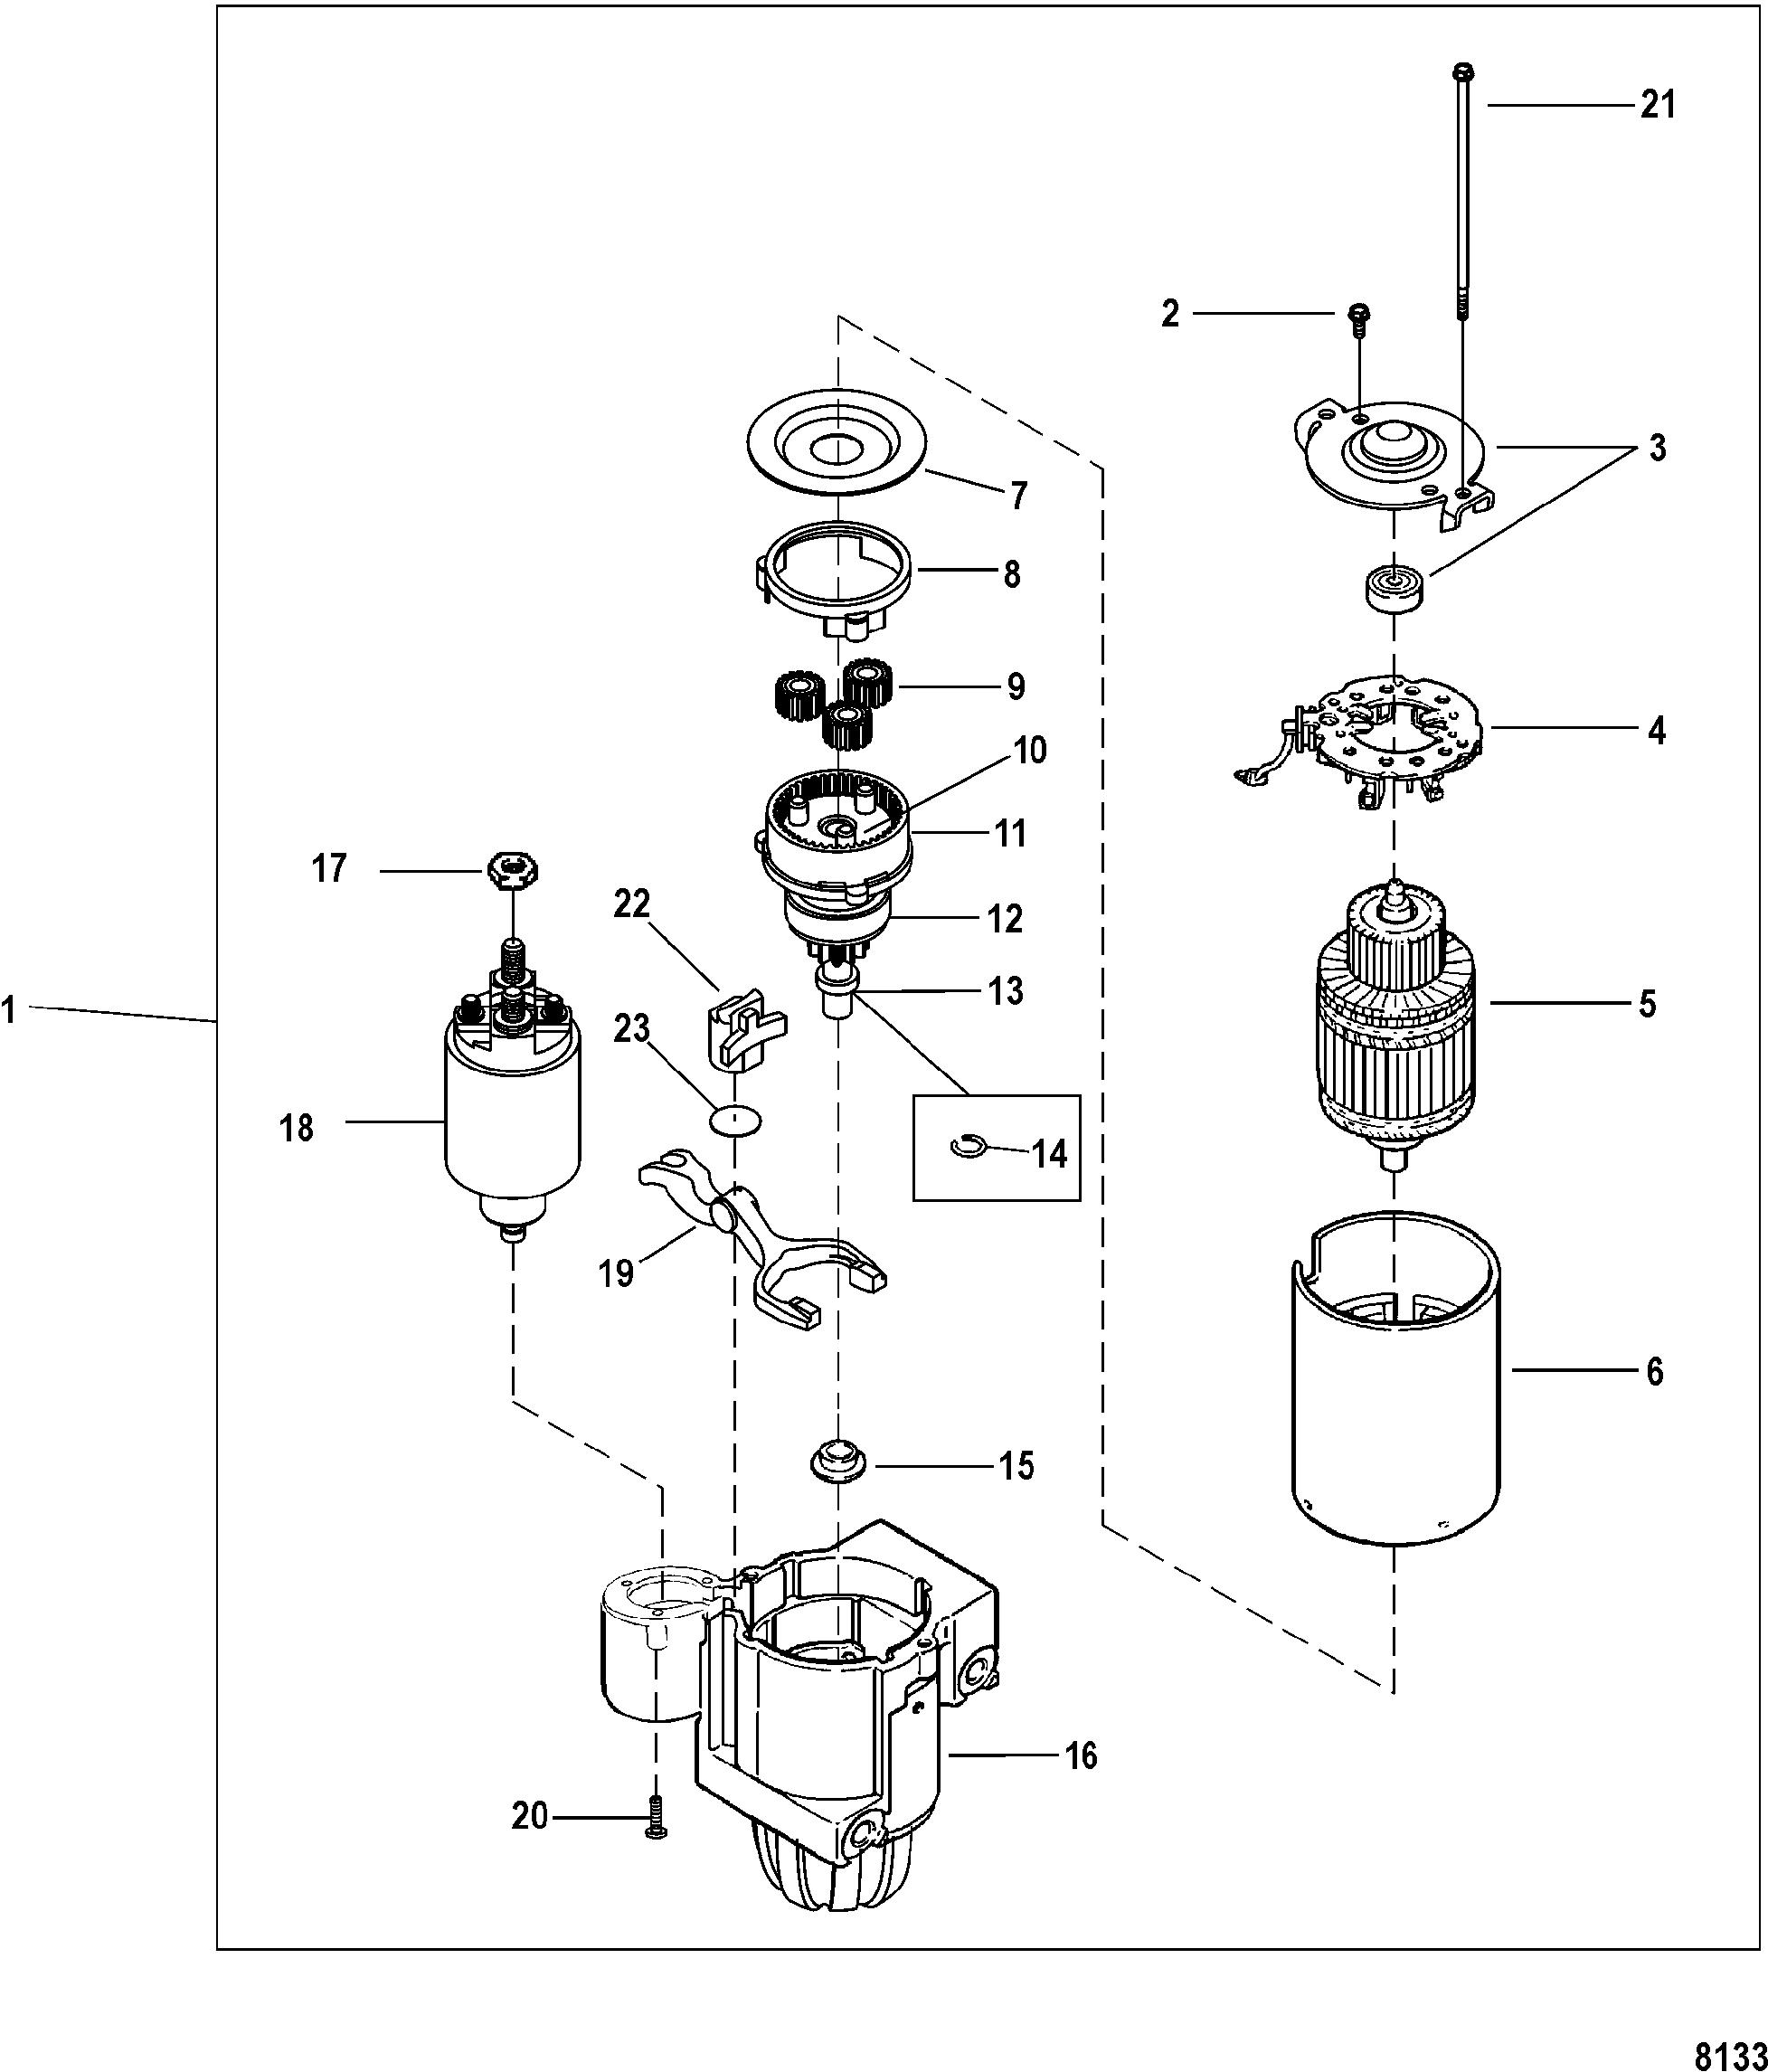 u041a u0430 u0442 u0430 u043b u043e u0433  u0437 u0430 u043f u0447 u0430 u0441 u0442 u0435 u0439 mercruiser gas 3 0l gm 181 i  l4 0l097000